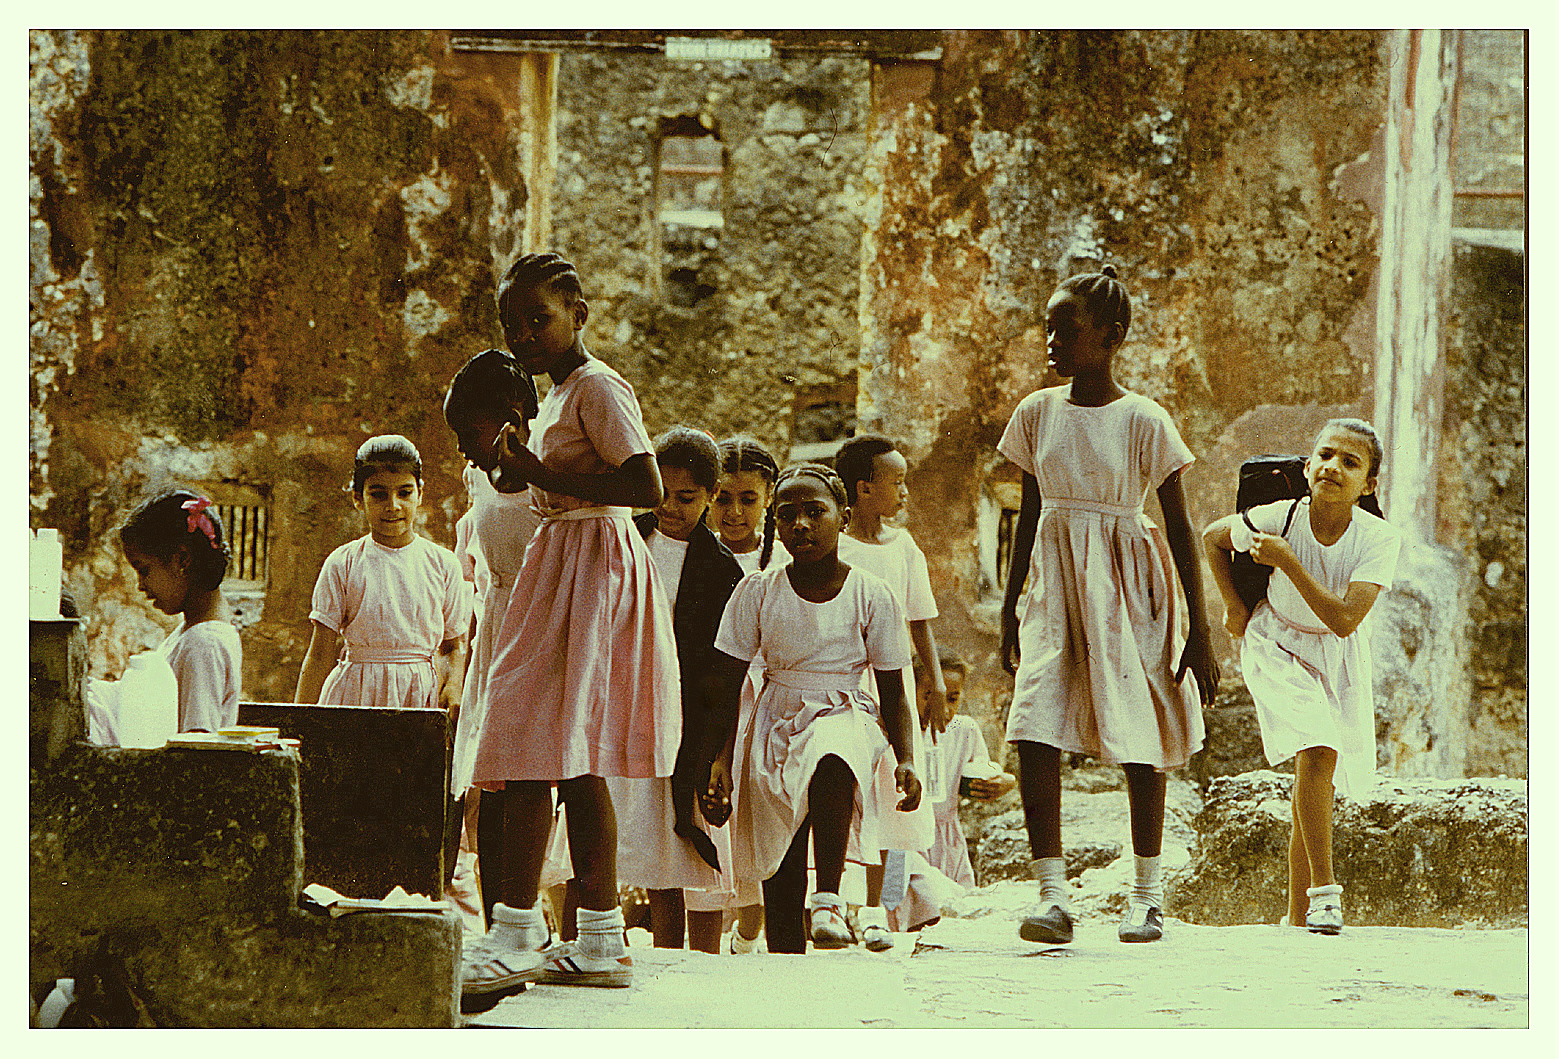 le bambine di mombasa